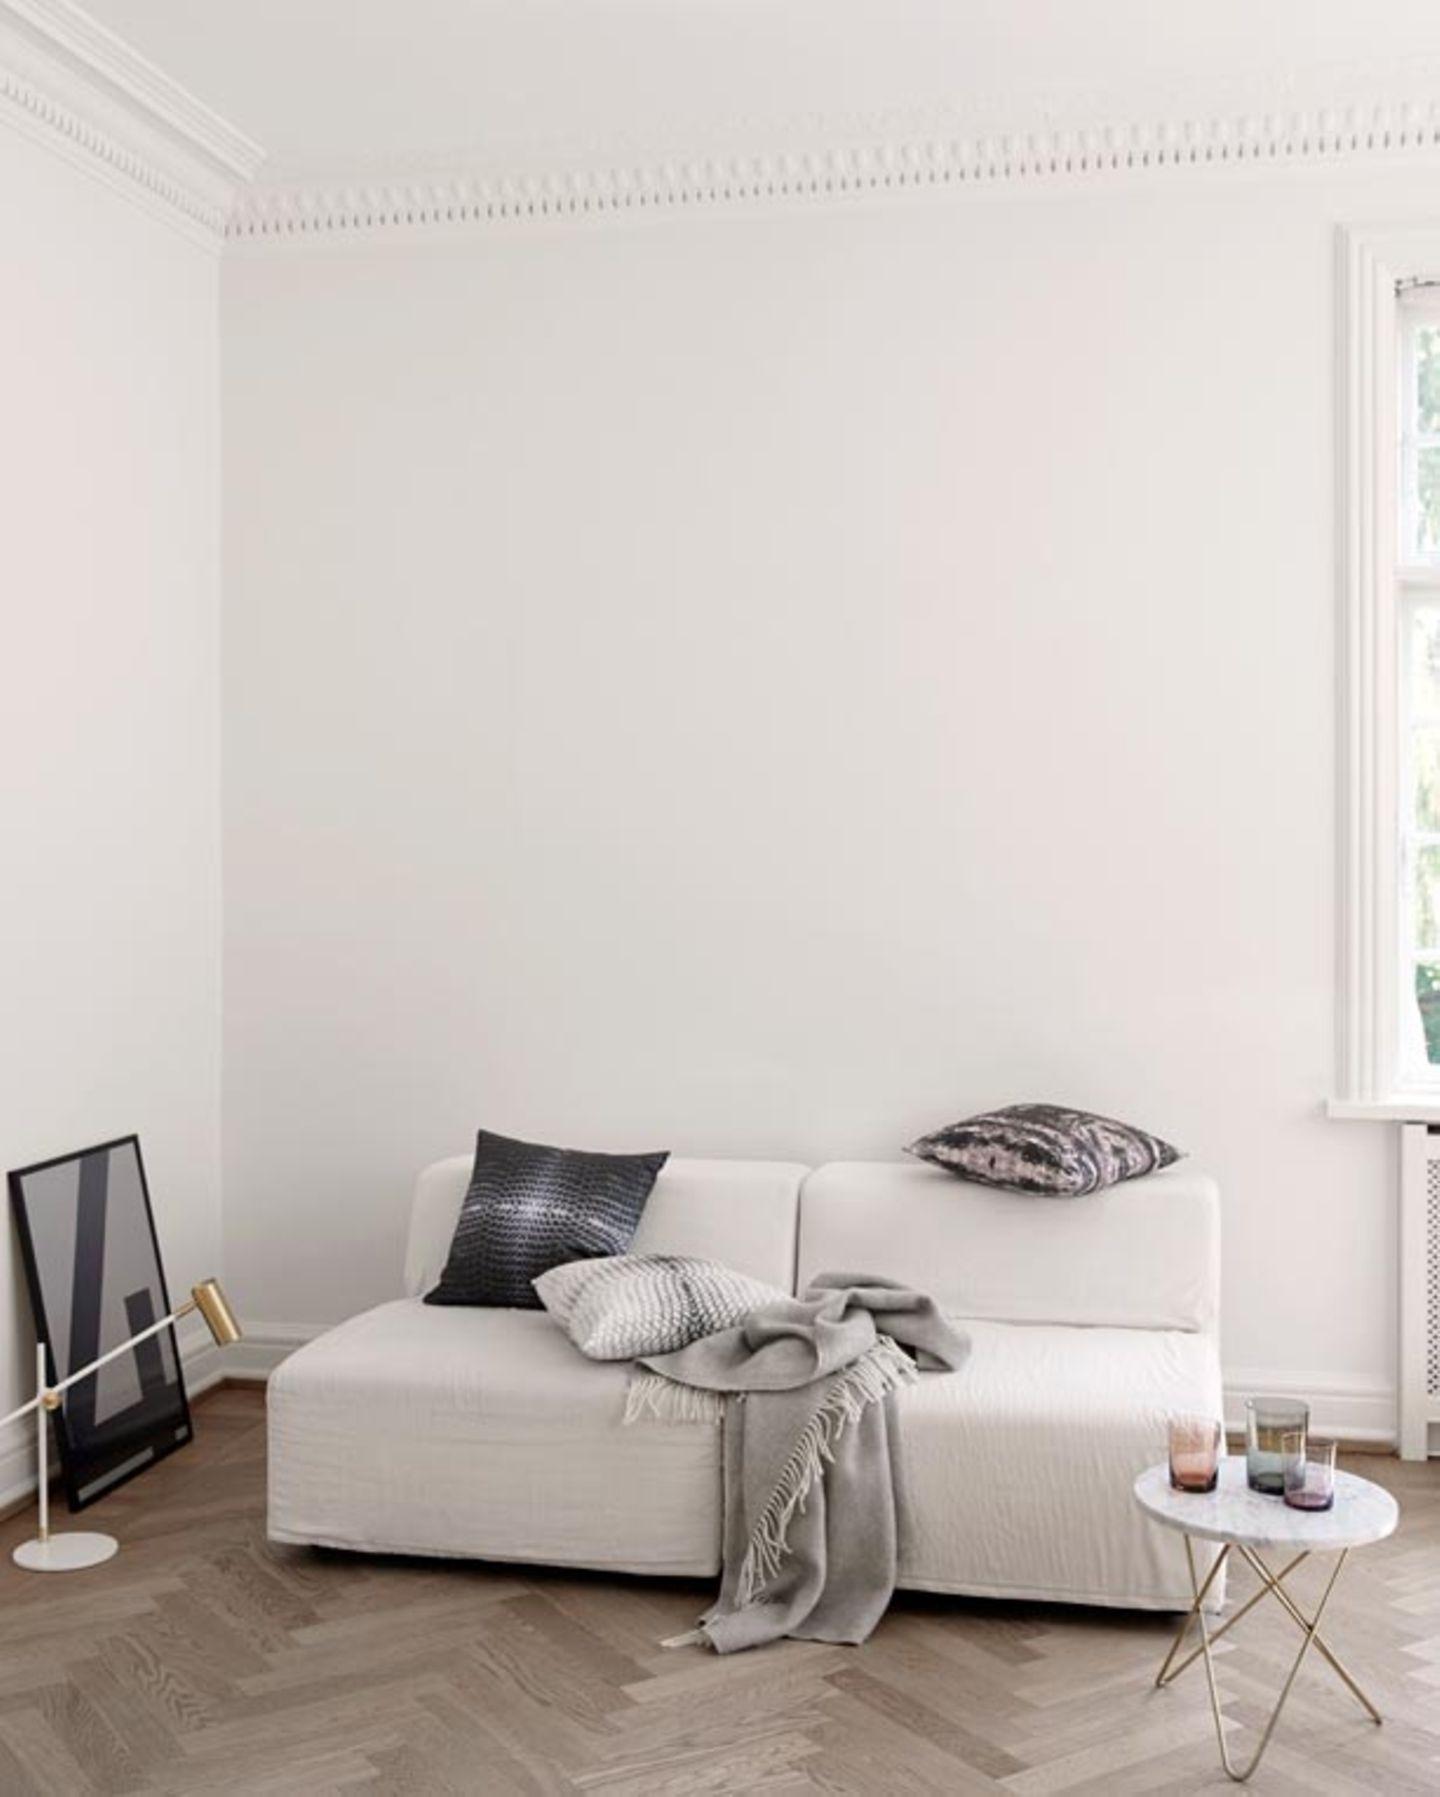 Viel Weiß plus dezente Akzente in Schwarz wirken lässig